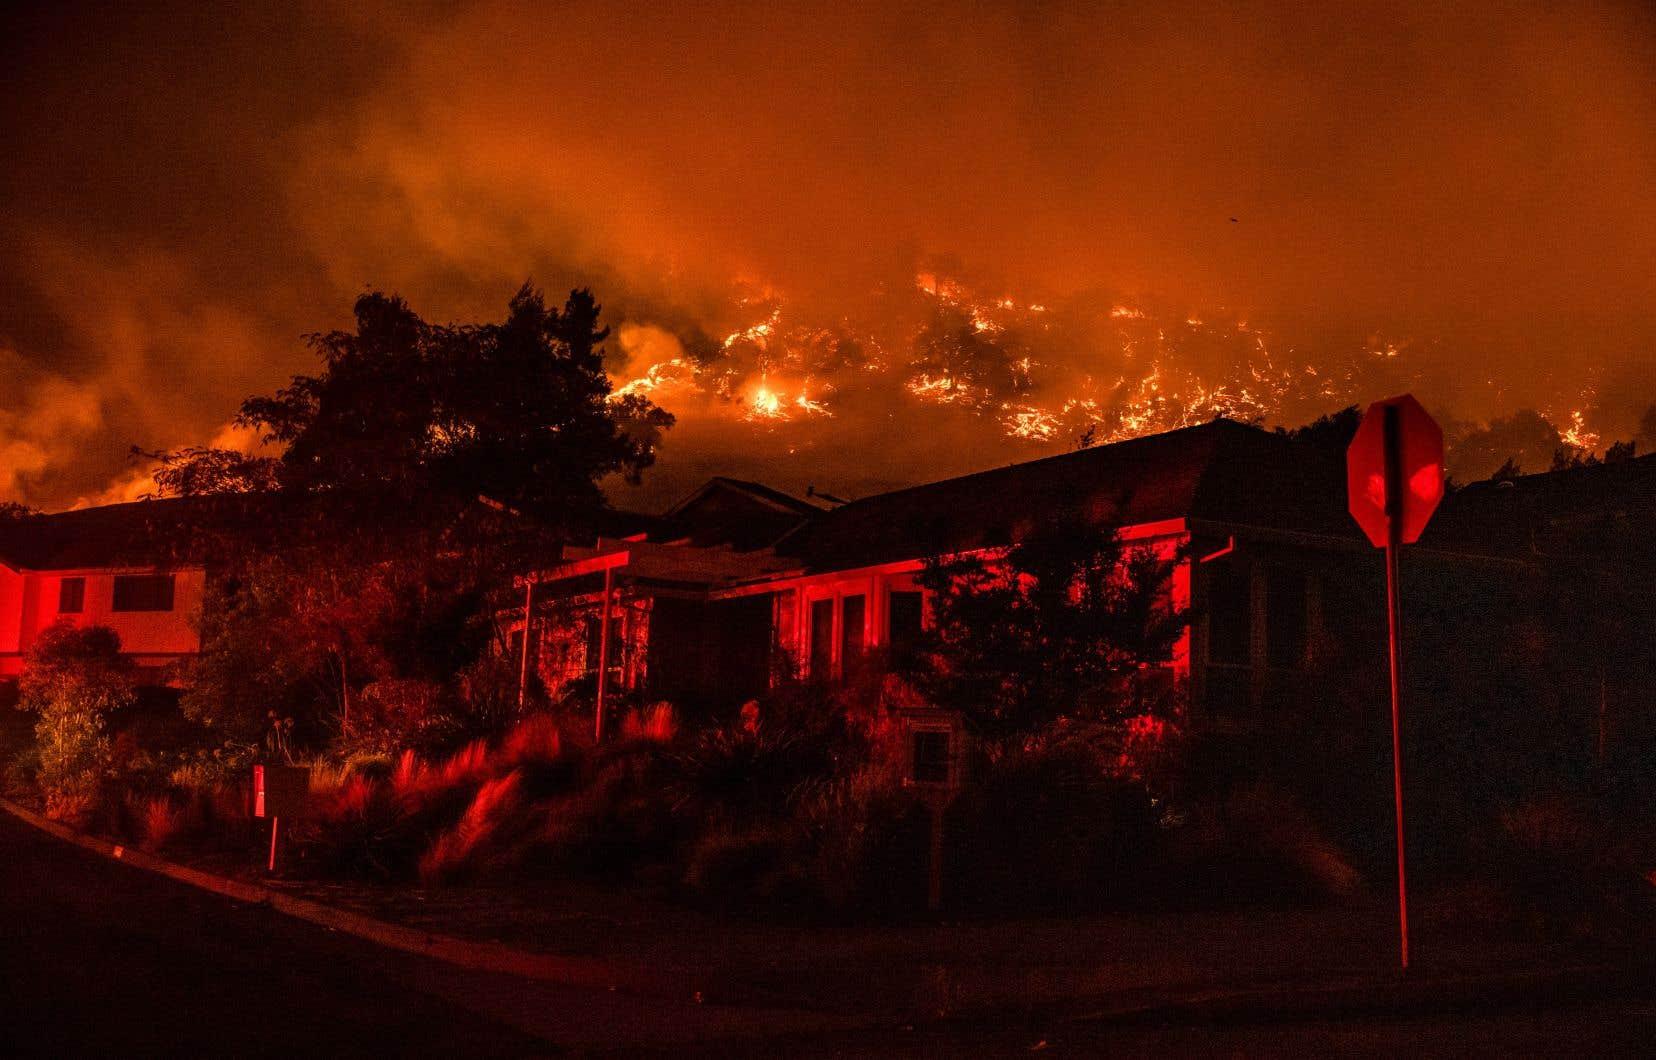 Les cinq années depuis la signature de l'accord de Paris ont été les plus chaudes jamais enregistrées et «les feux, tempêtes et sécheresses poursuivent leurs ravages alors que les glaces fondent à un rythme sans précédent», souligne la patronne du PNUE, Inger Andersen. Sur la photo, le «Shady Fire», en Californie, fin septembre 2020.